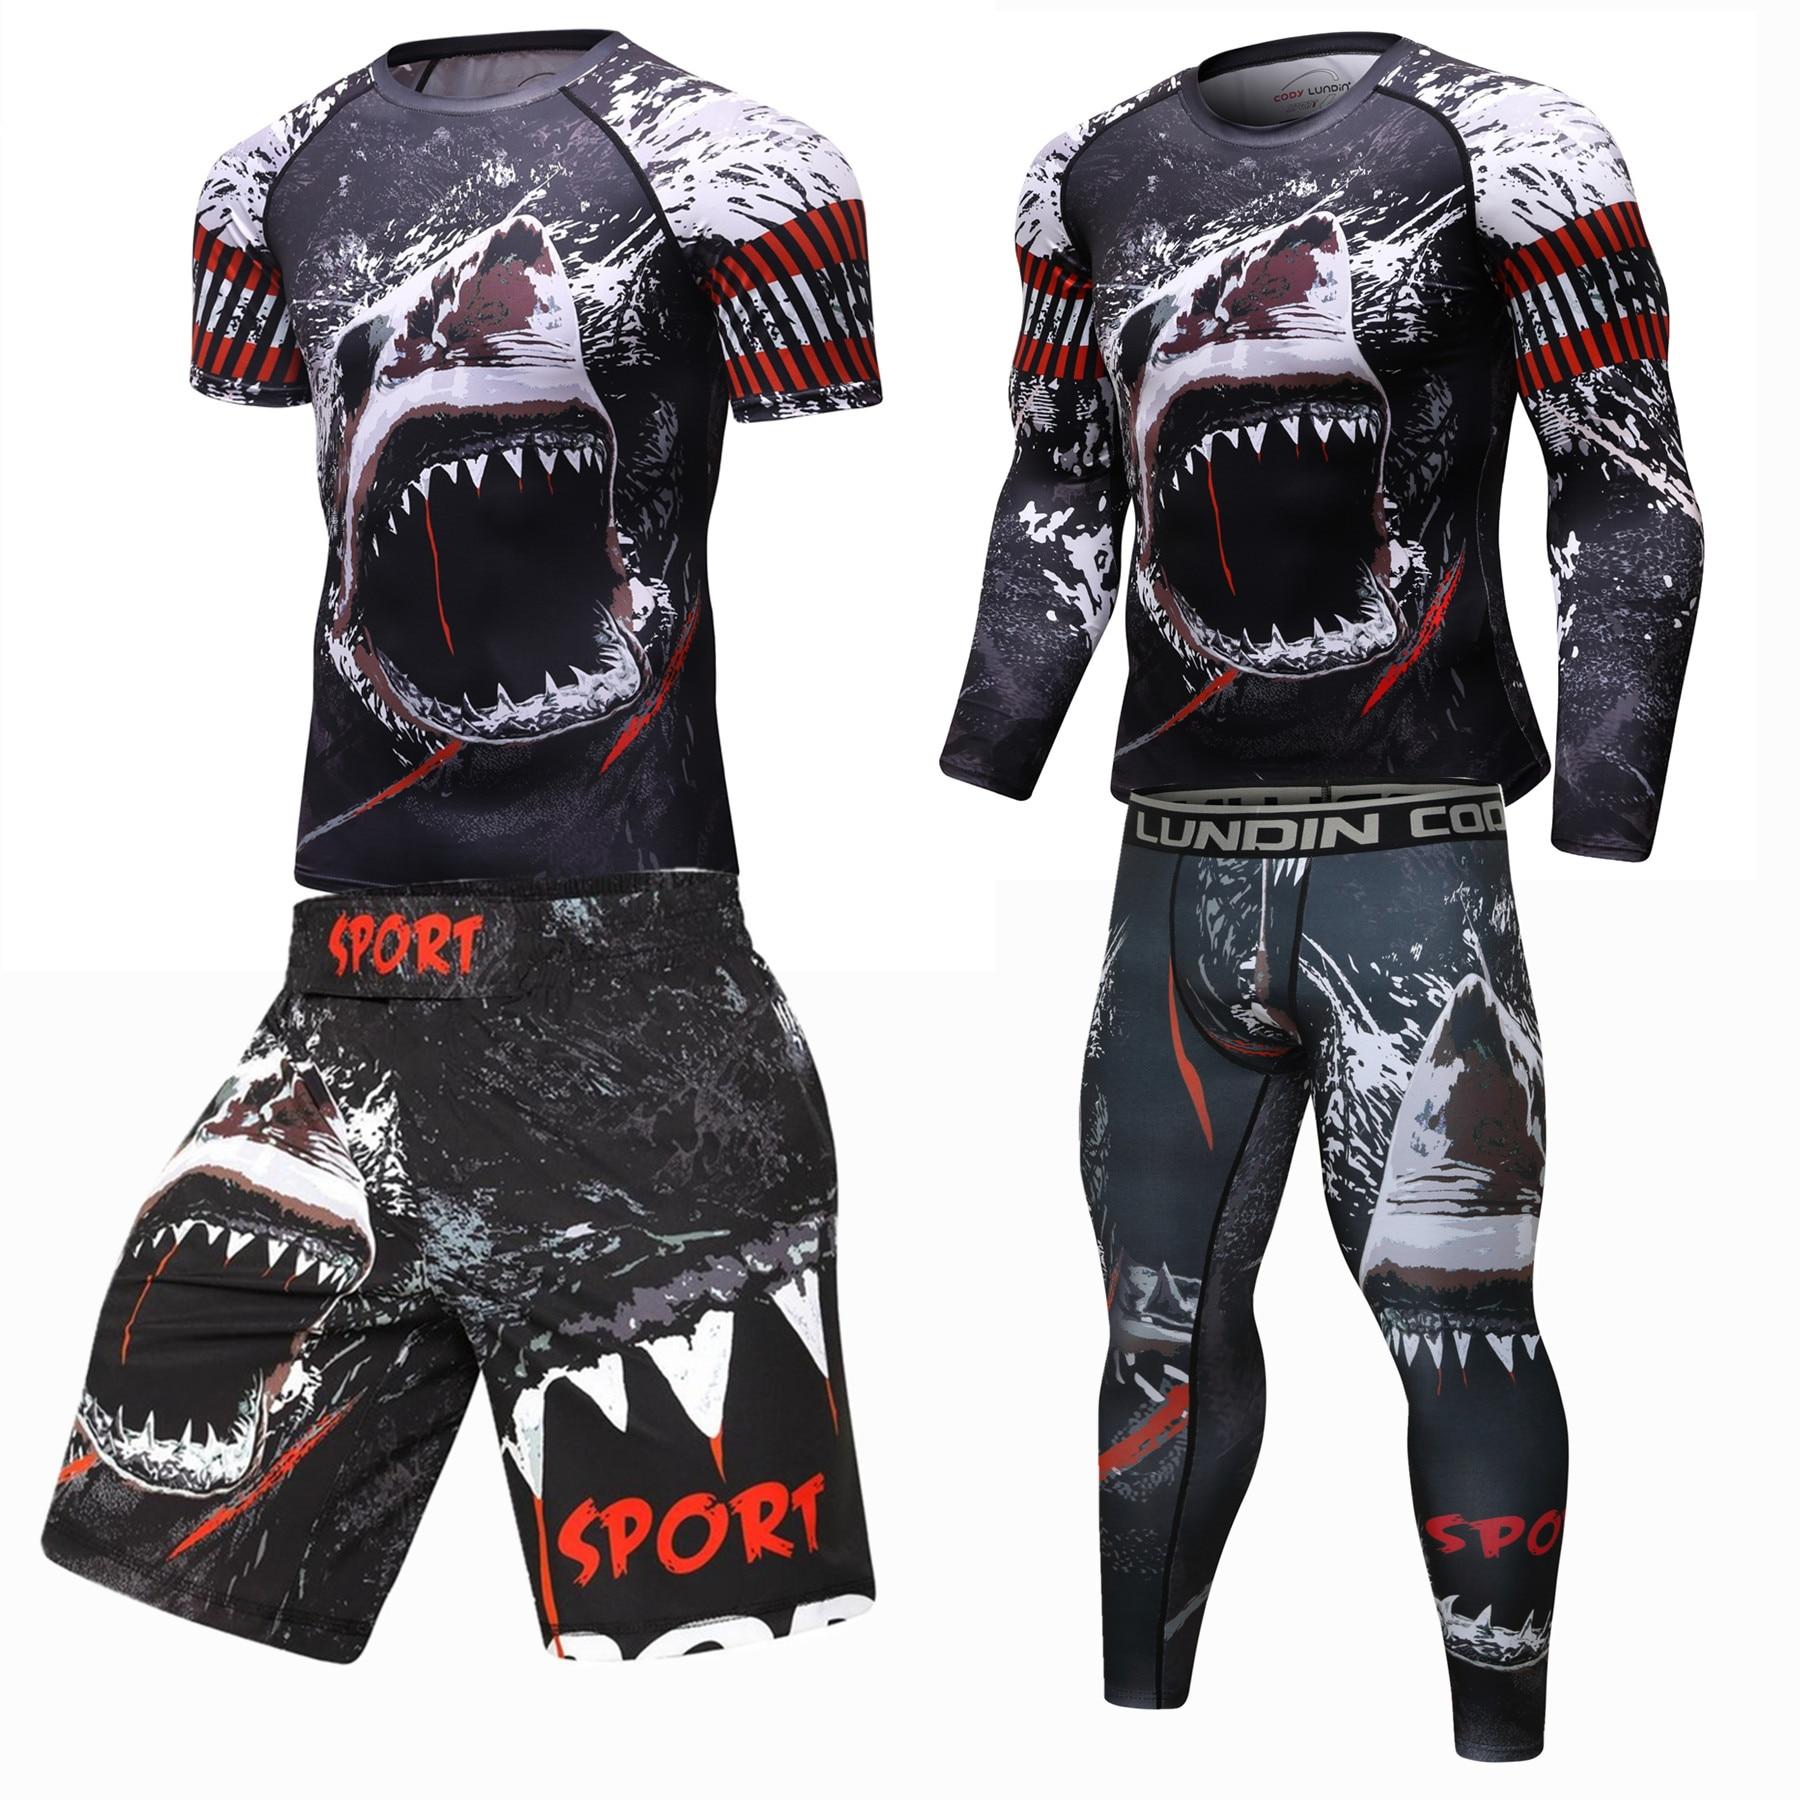 2019 nuevo conjunto de compresión para hombres, mallas para correr, entrenamiento, Fitness, entrenamiento, chándal, camisas de manga larga, traje deportivo, kit rashgard